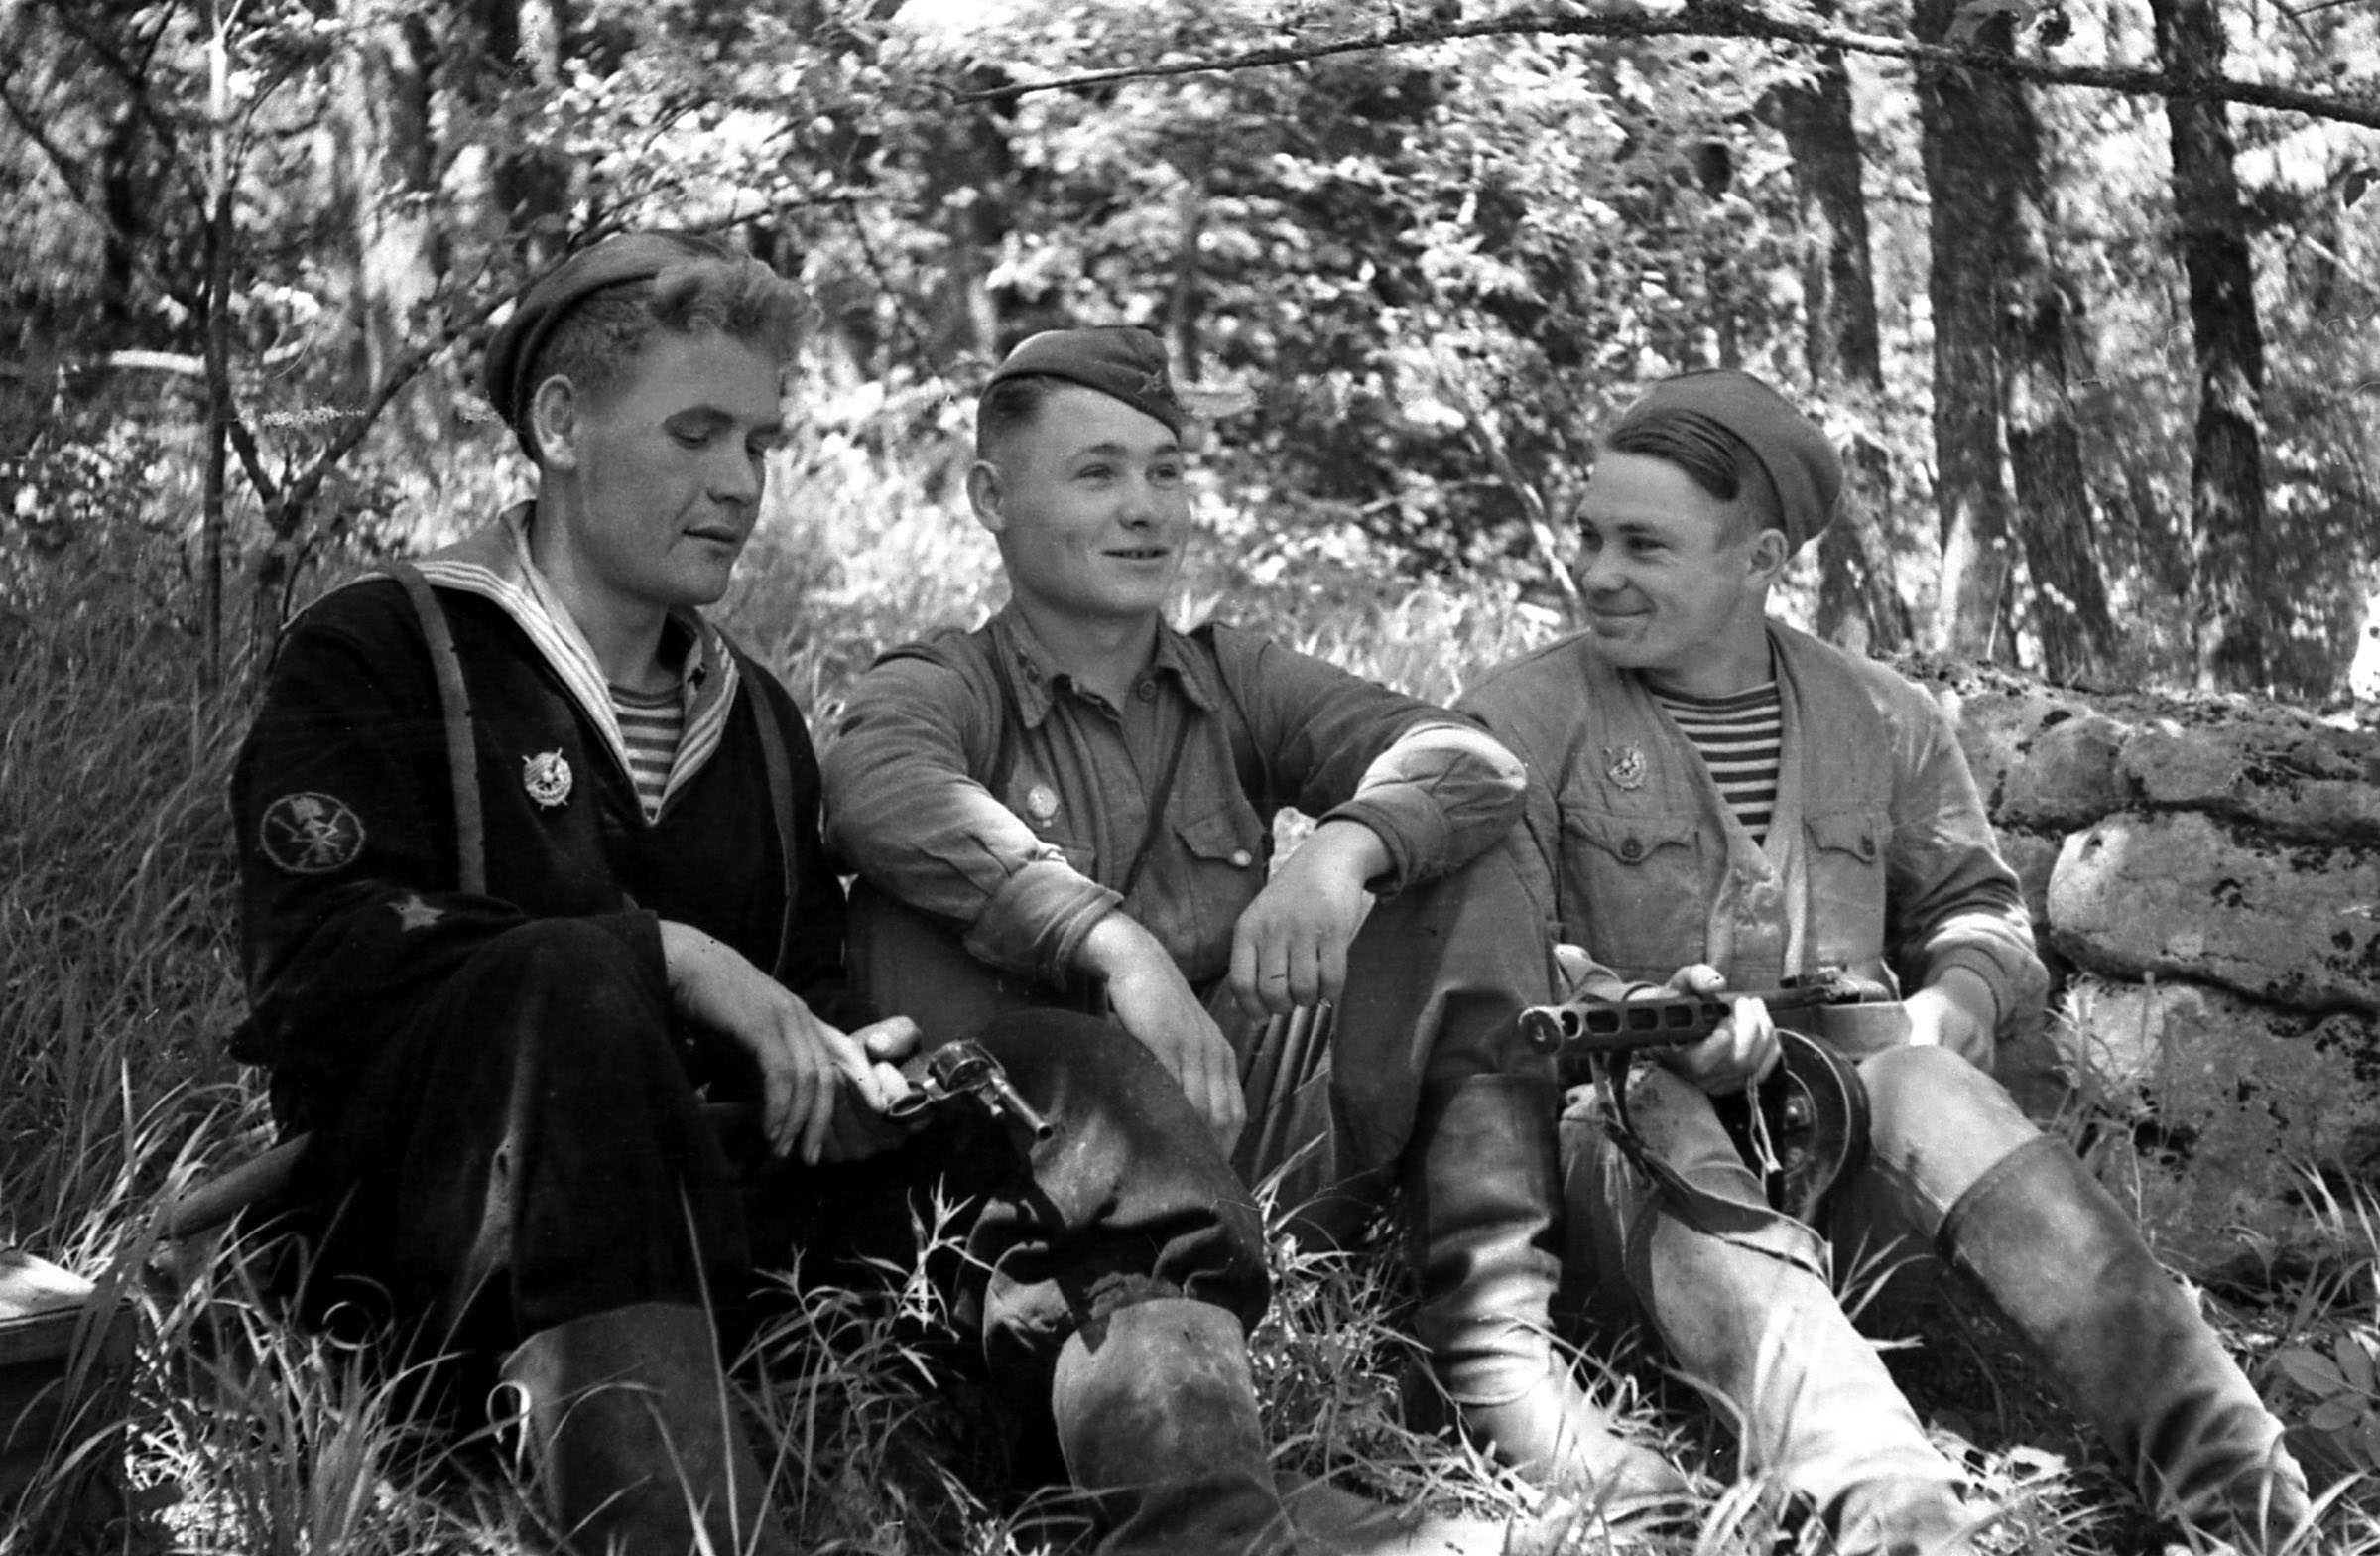 Экспонат #31. Матрос-партизан Печеренко. Лето 1943 года